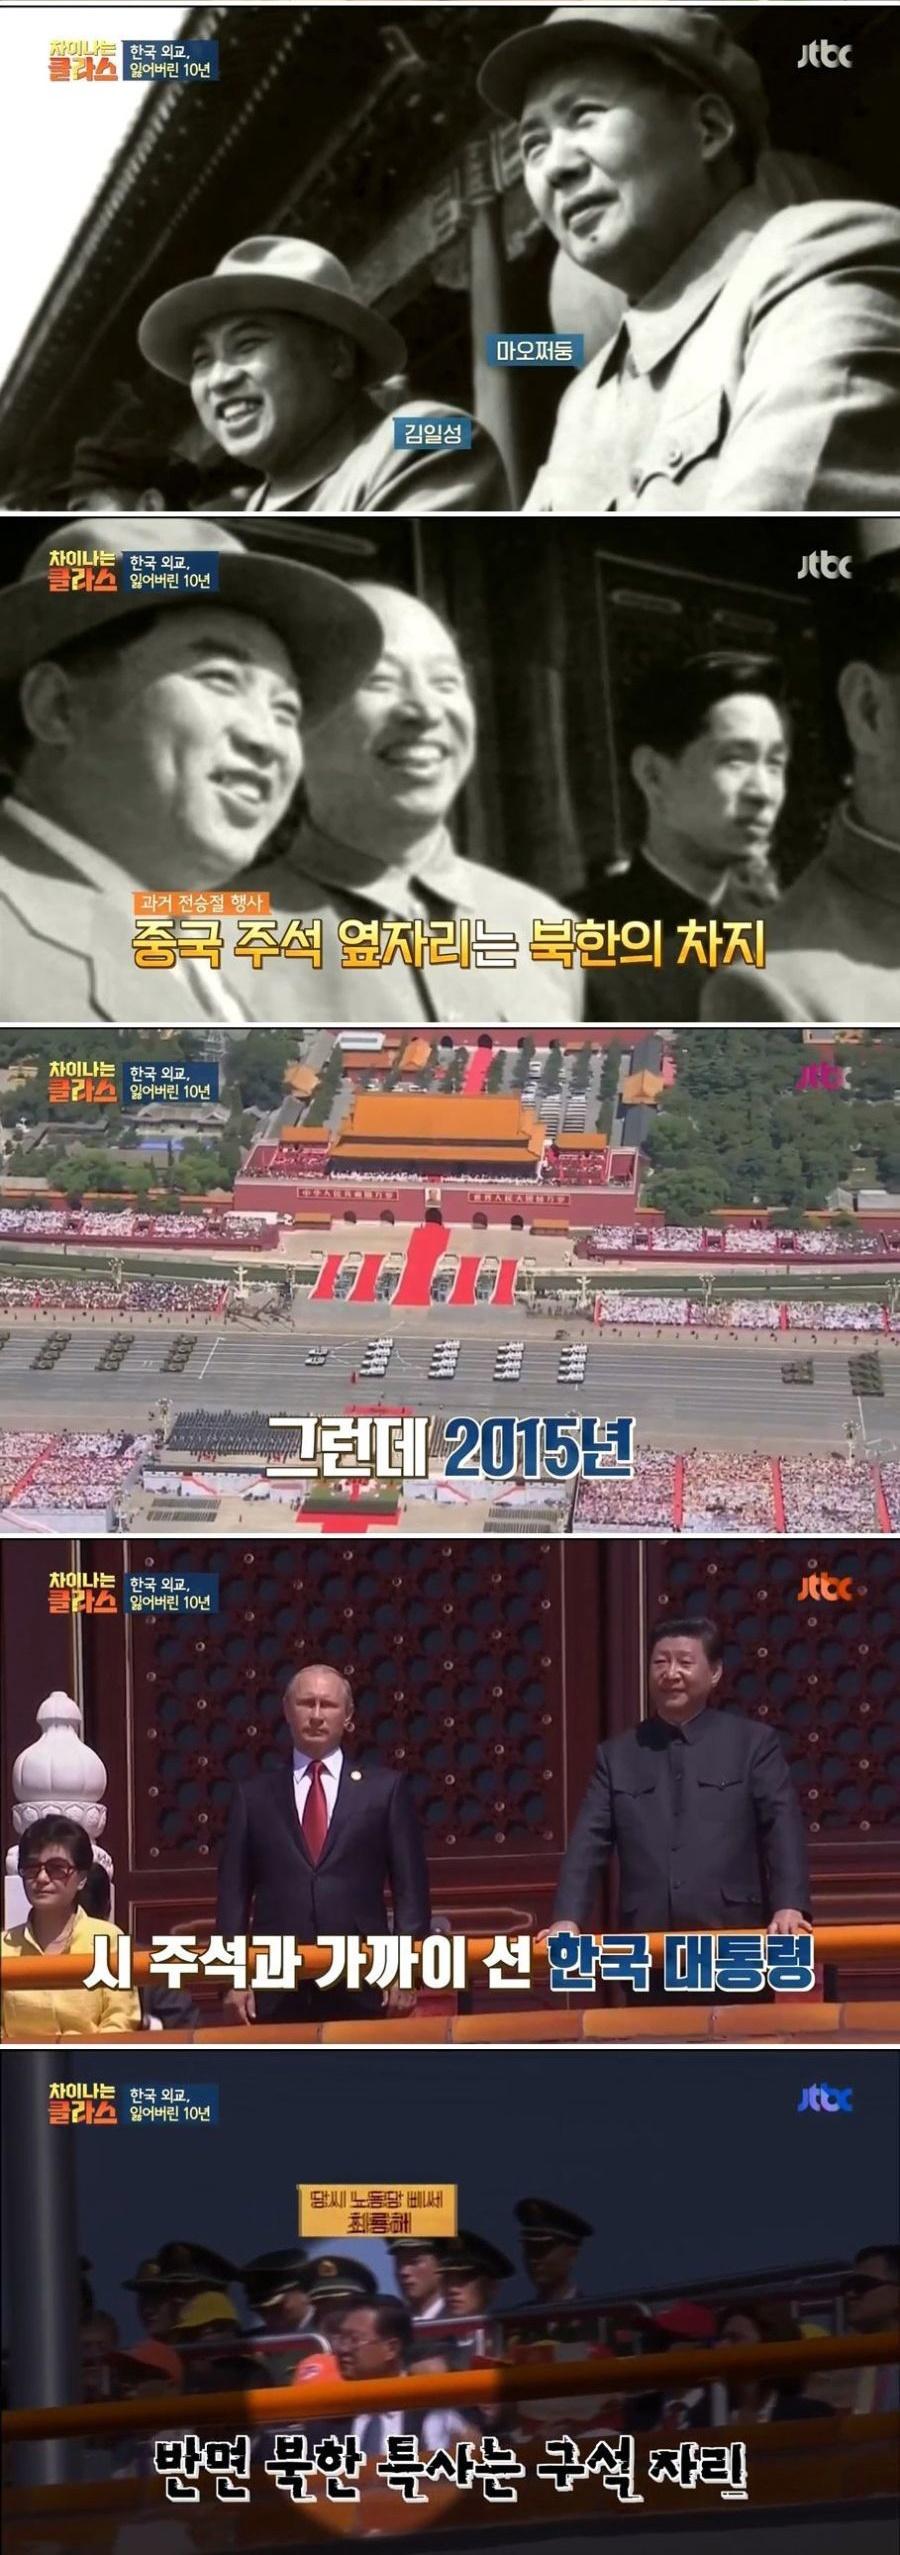 중국의 꿈, 외교참사 클라스 - 꾸르